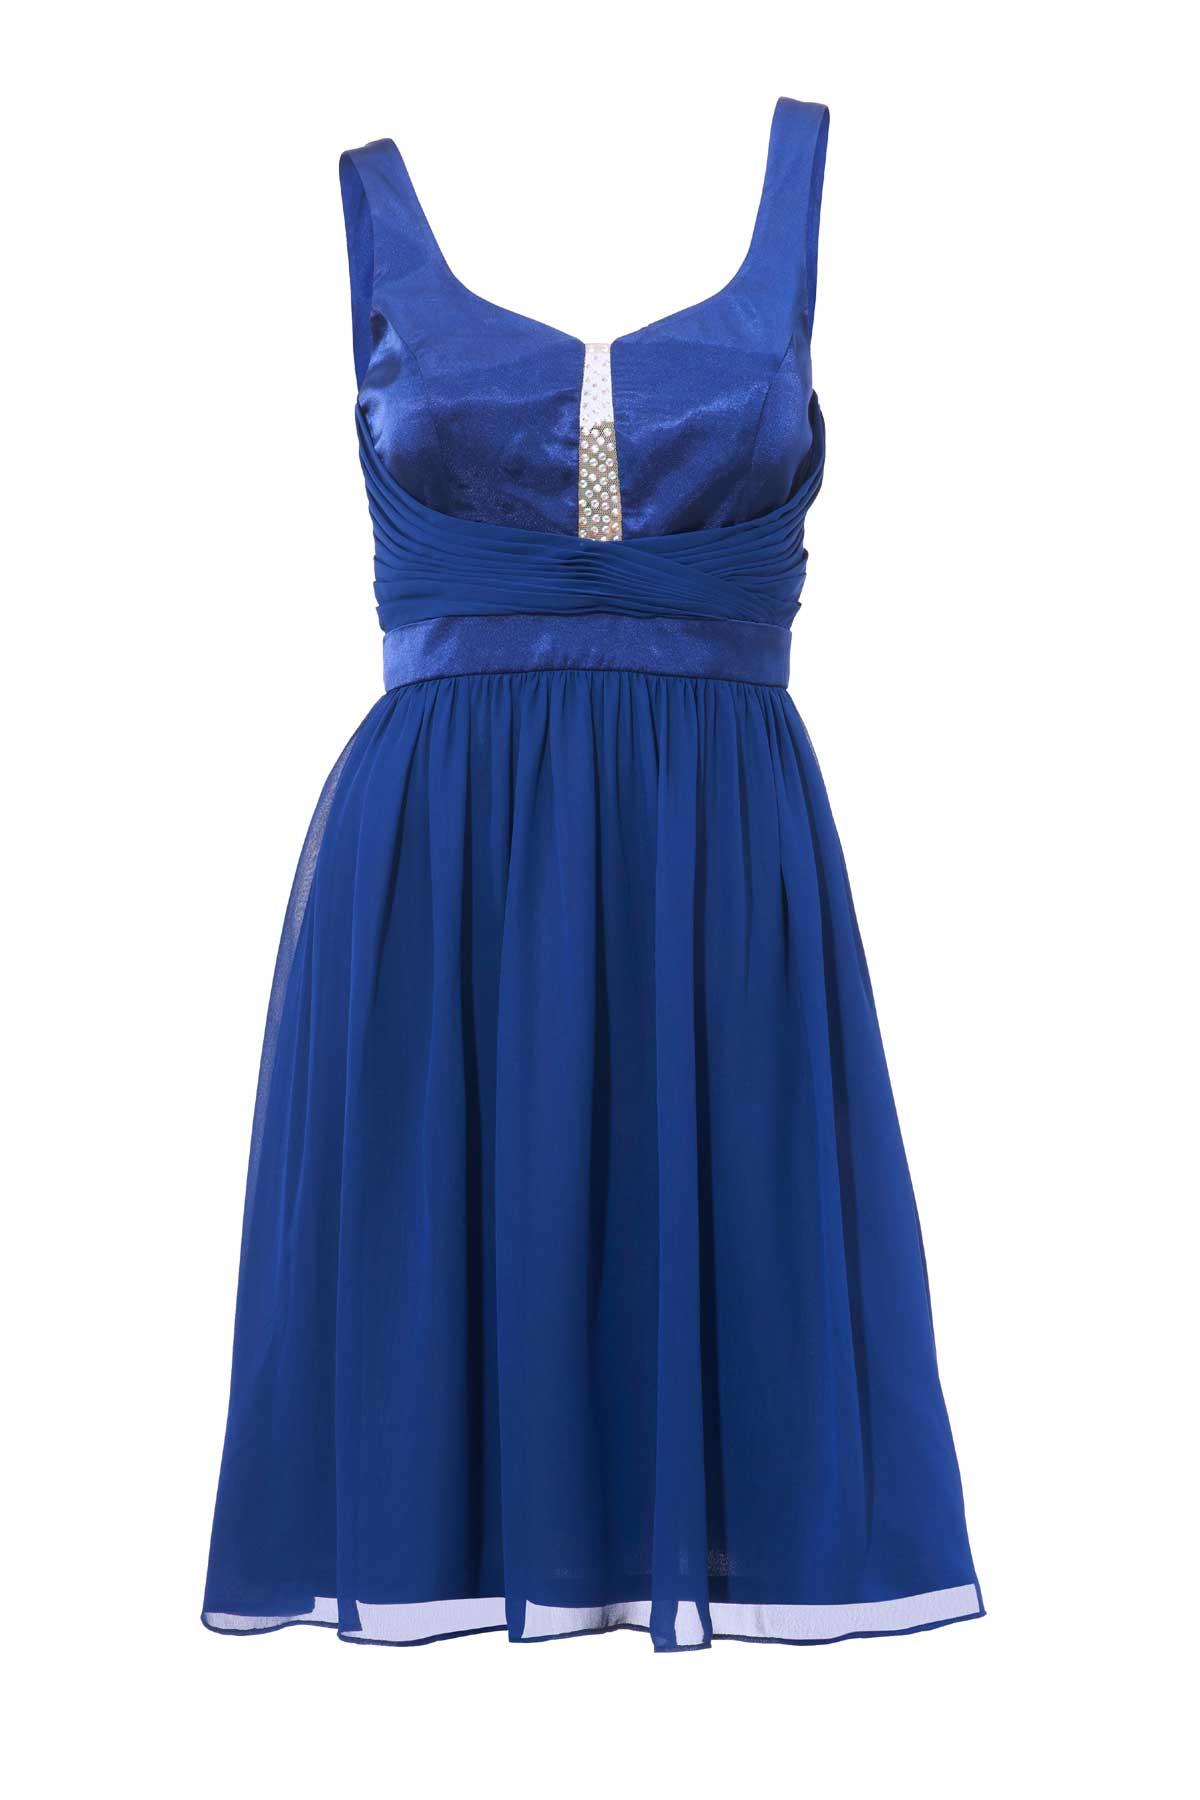 kurzes kleid für besondere anlässe ASHLEY BROOKE Damen Designer-Cocktailkleid Indigoblau 125.234 Missforty